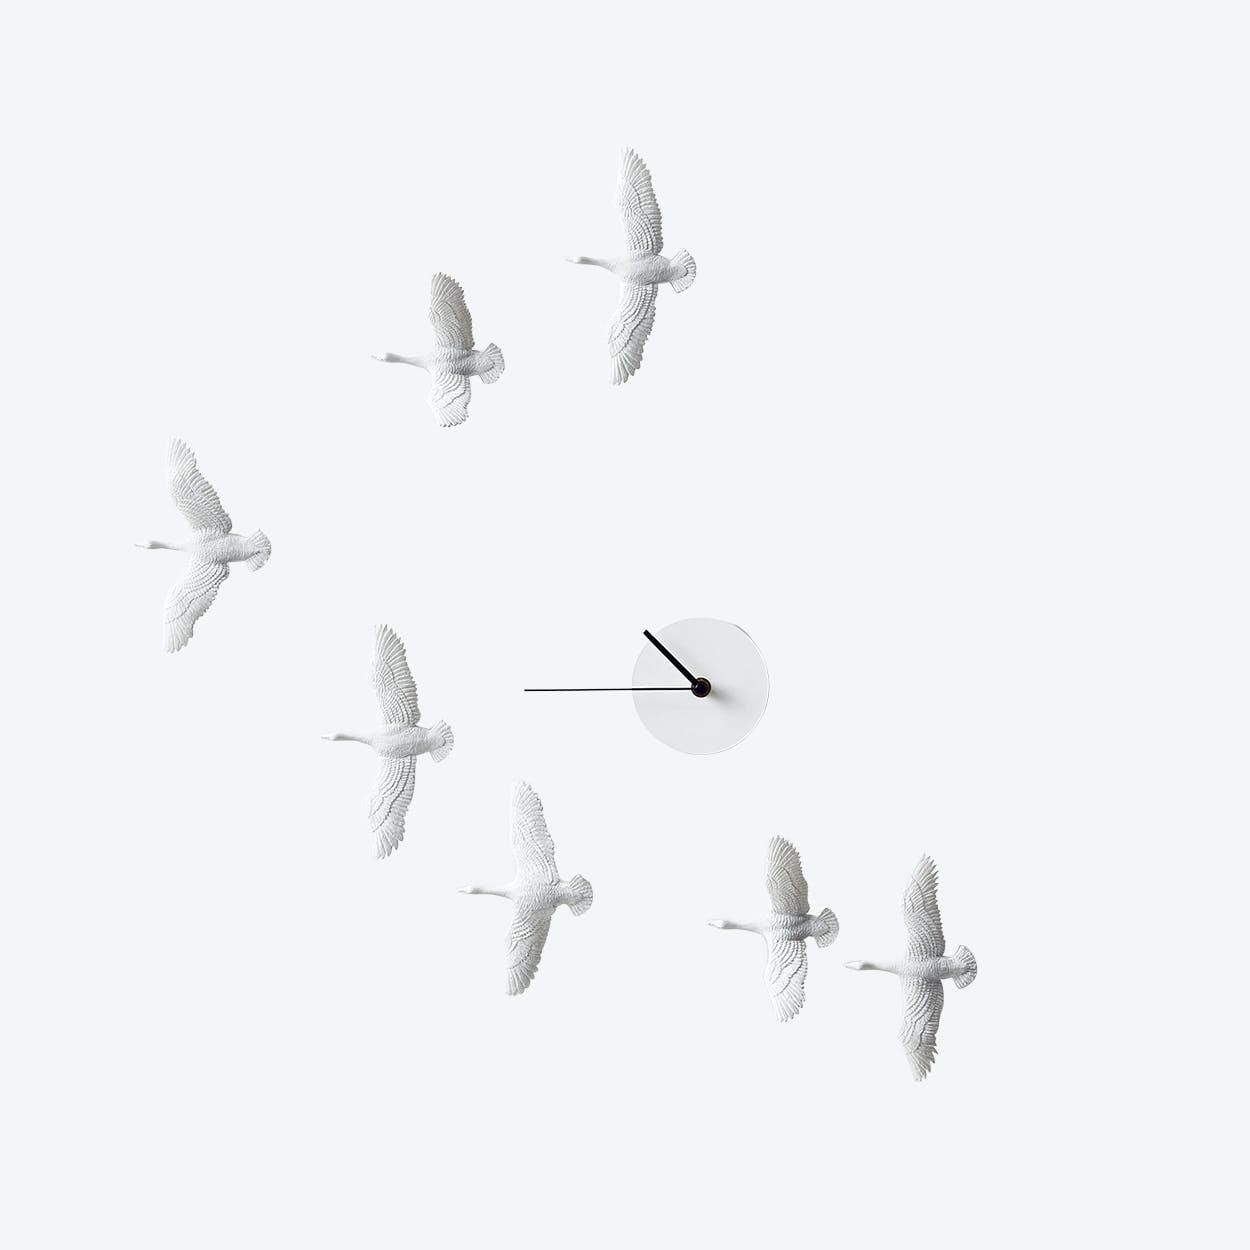 Migrantbird X Clock - V Formation